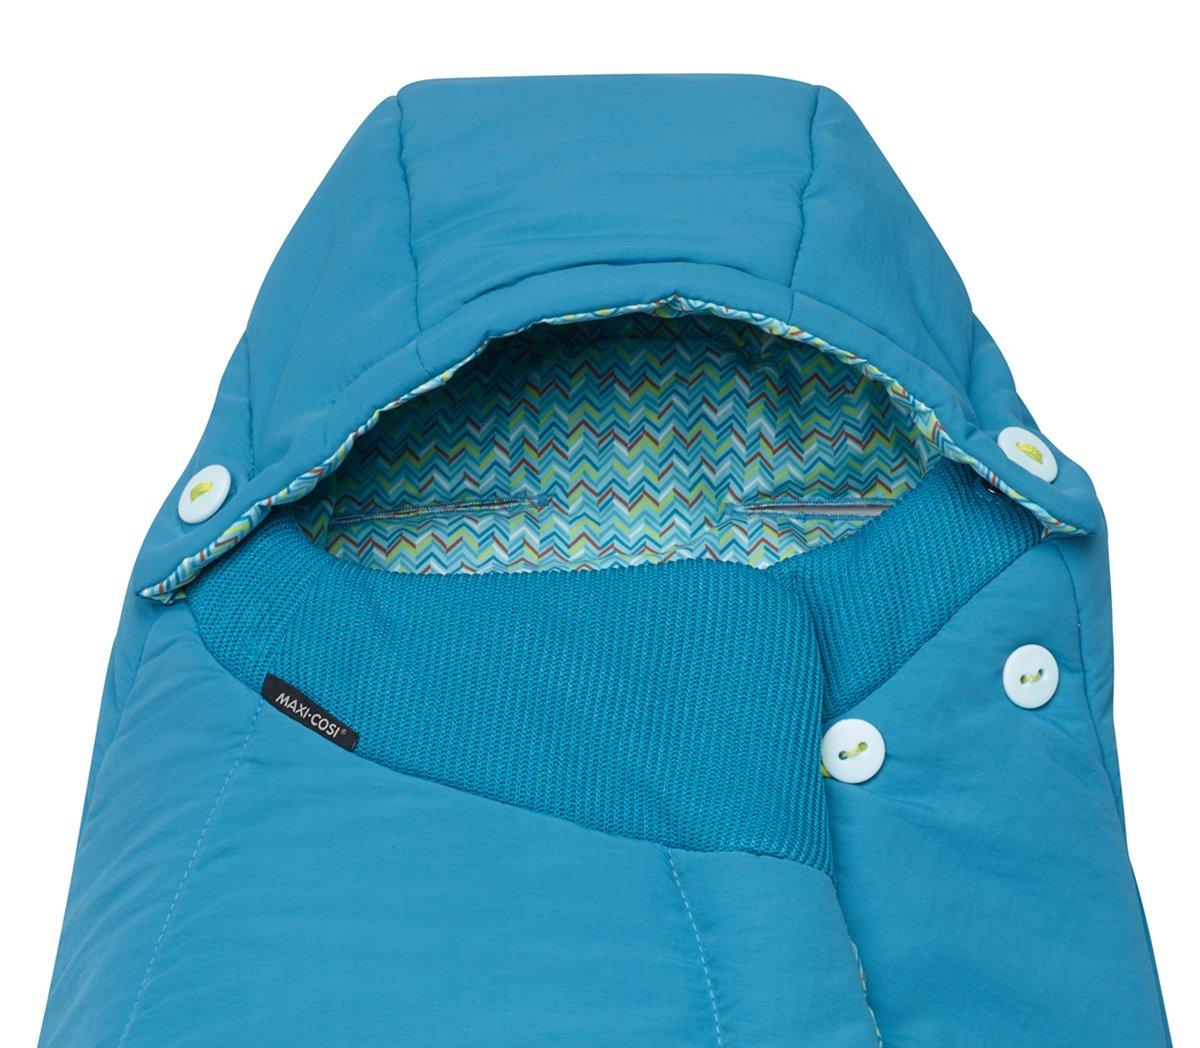 mosaic blue Maxi-Cosi Universal-Fu/ßsack passend f/ür alle Kinderwagen und Buggys